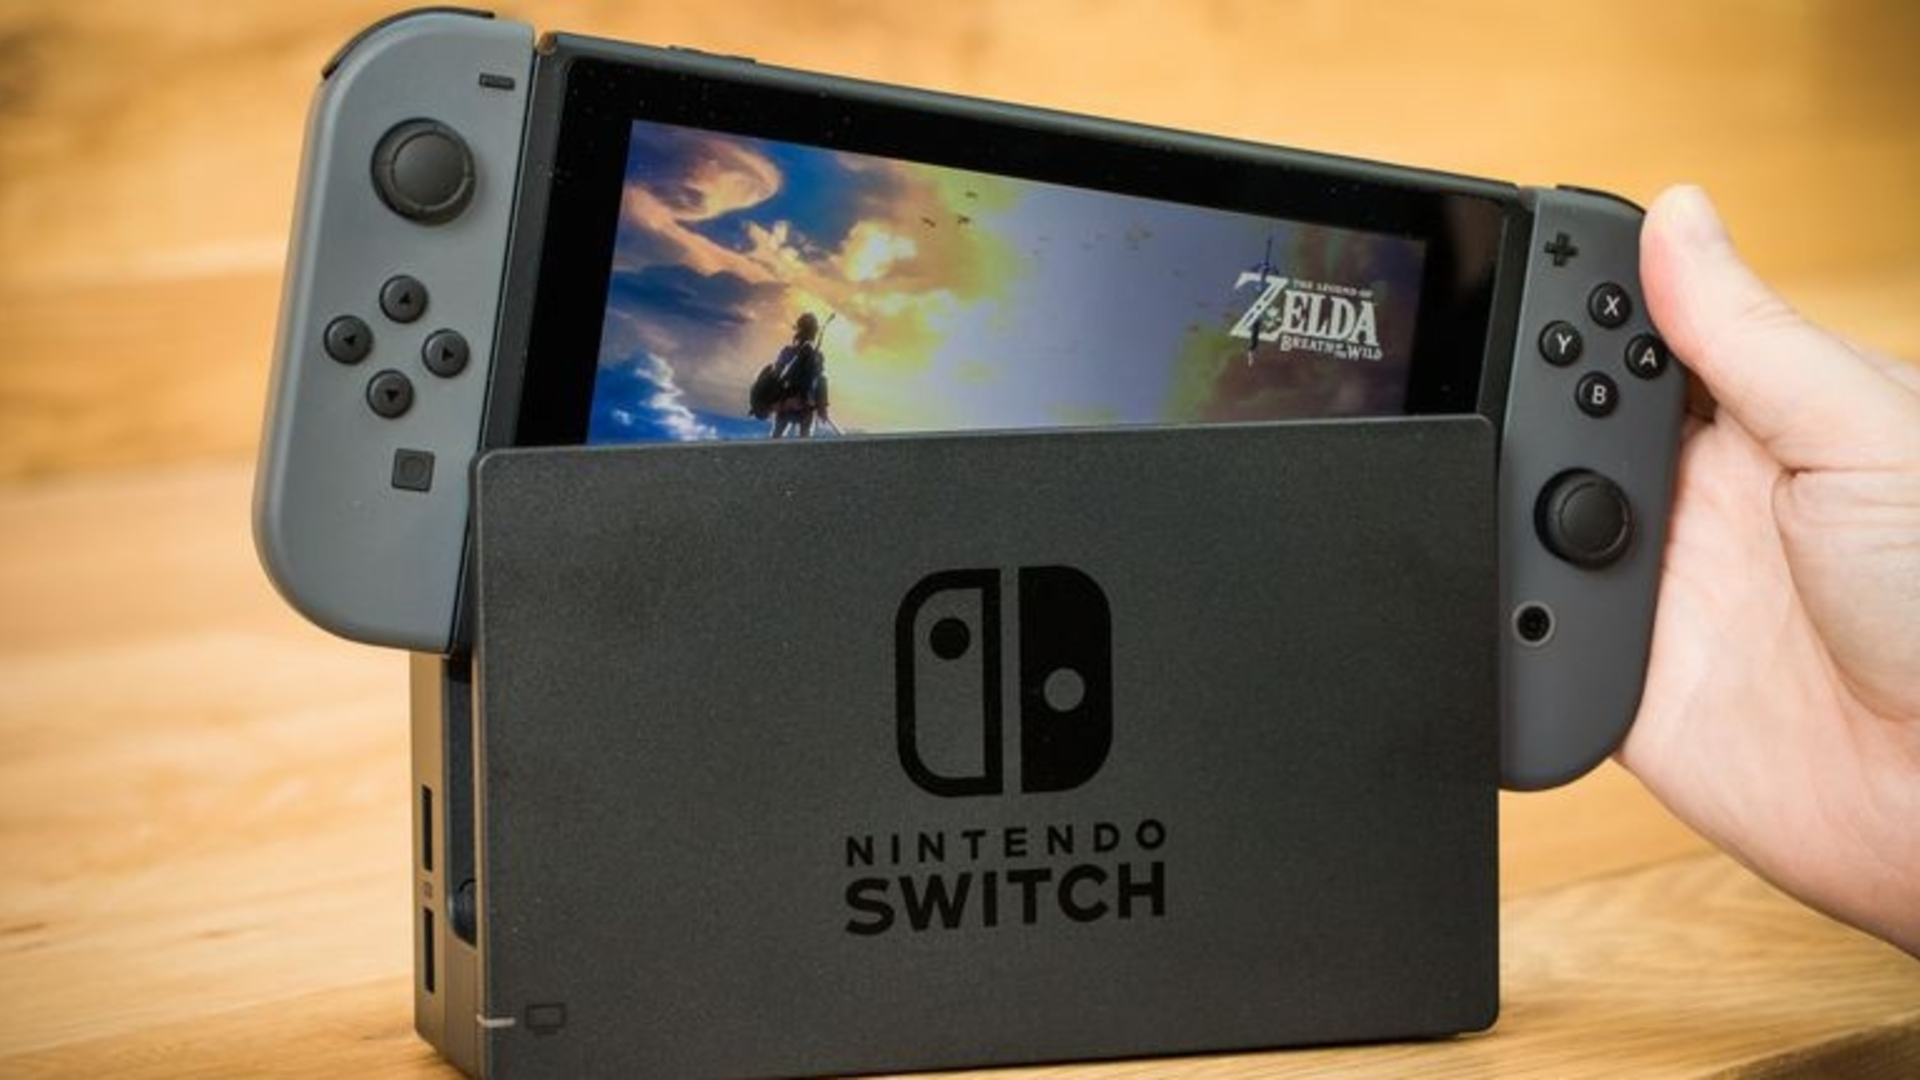 Ecco i 10 migliori titoli disponibili su Nintendo Switch secondo il TIME